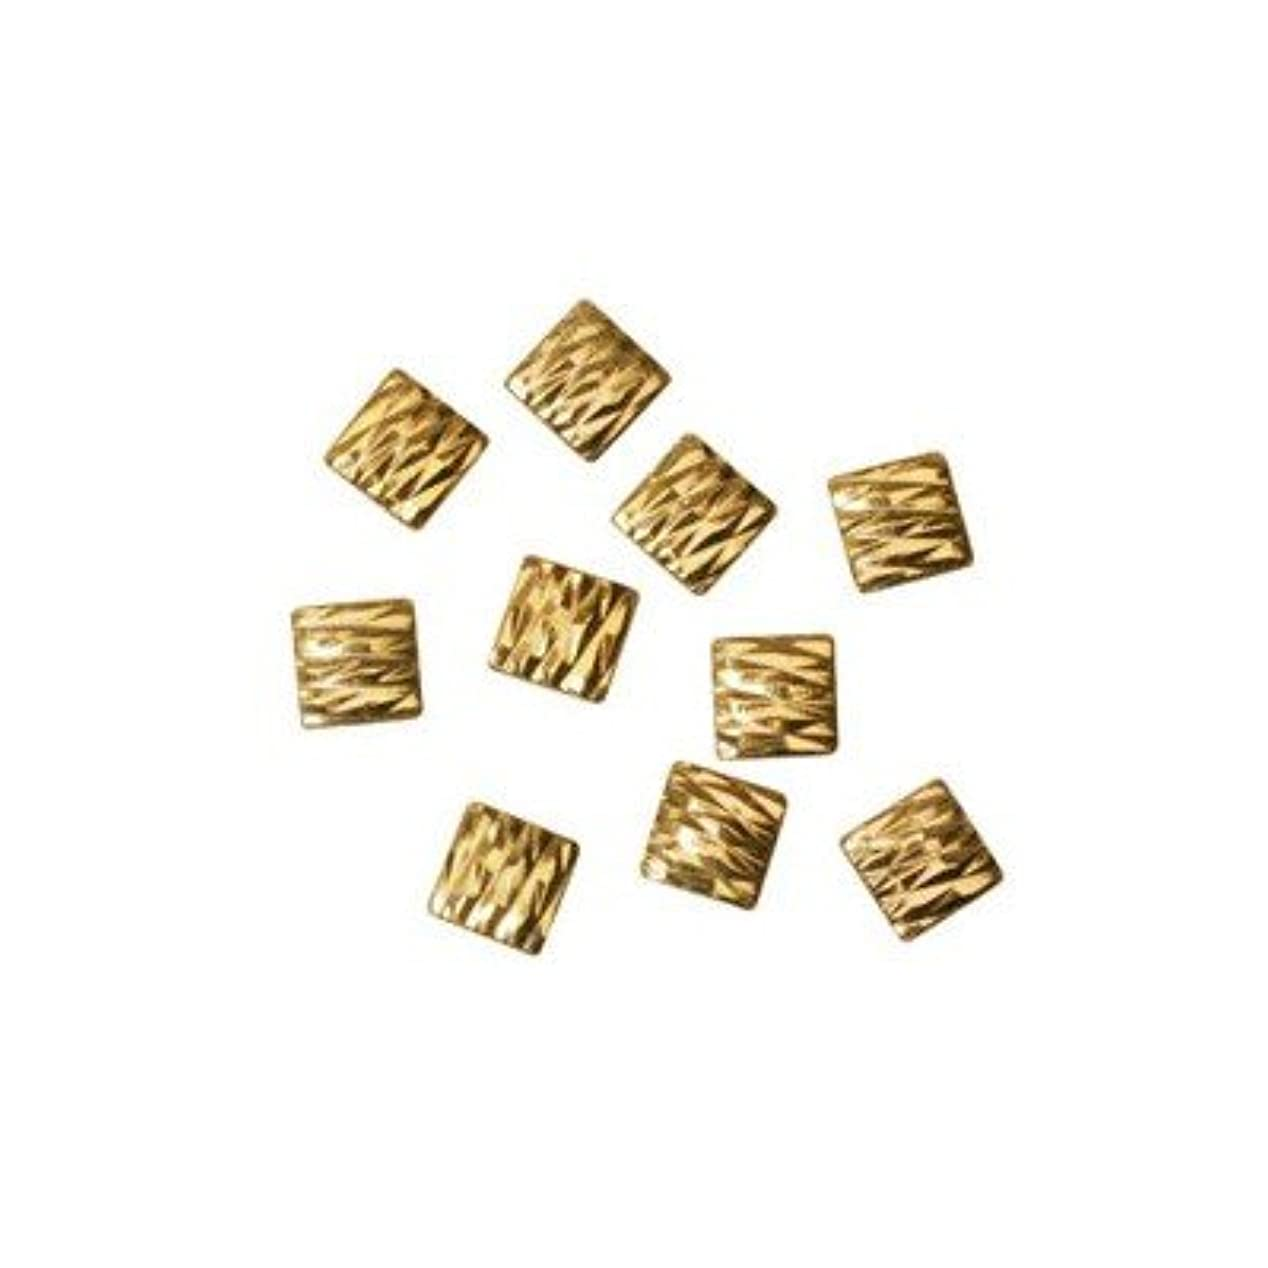 蒸発品揃えタイマークレア メッシュスタイル ゴールド